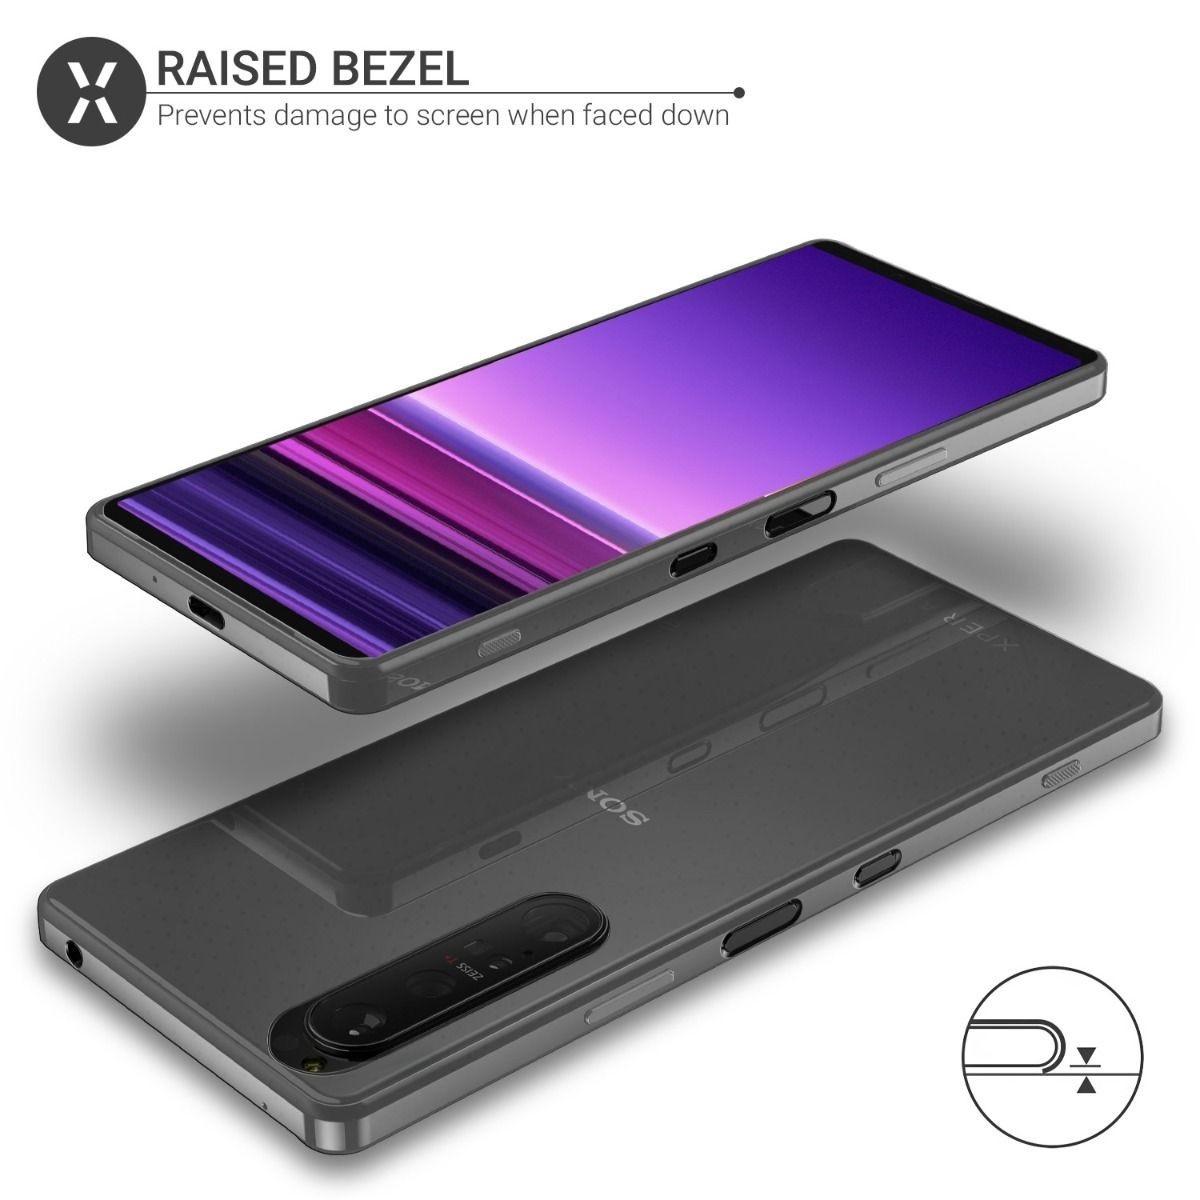 手机壳厂商曝光索尼Xperia 1 III/10 III渲染图:设计一脉相承